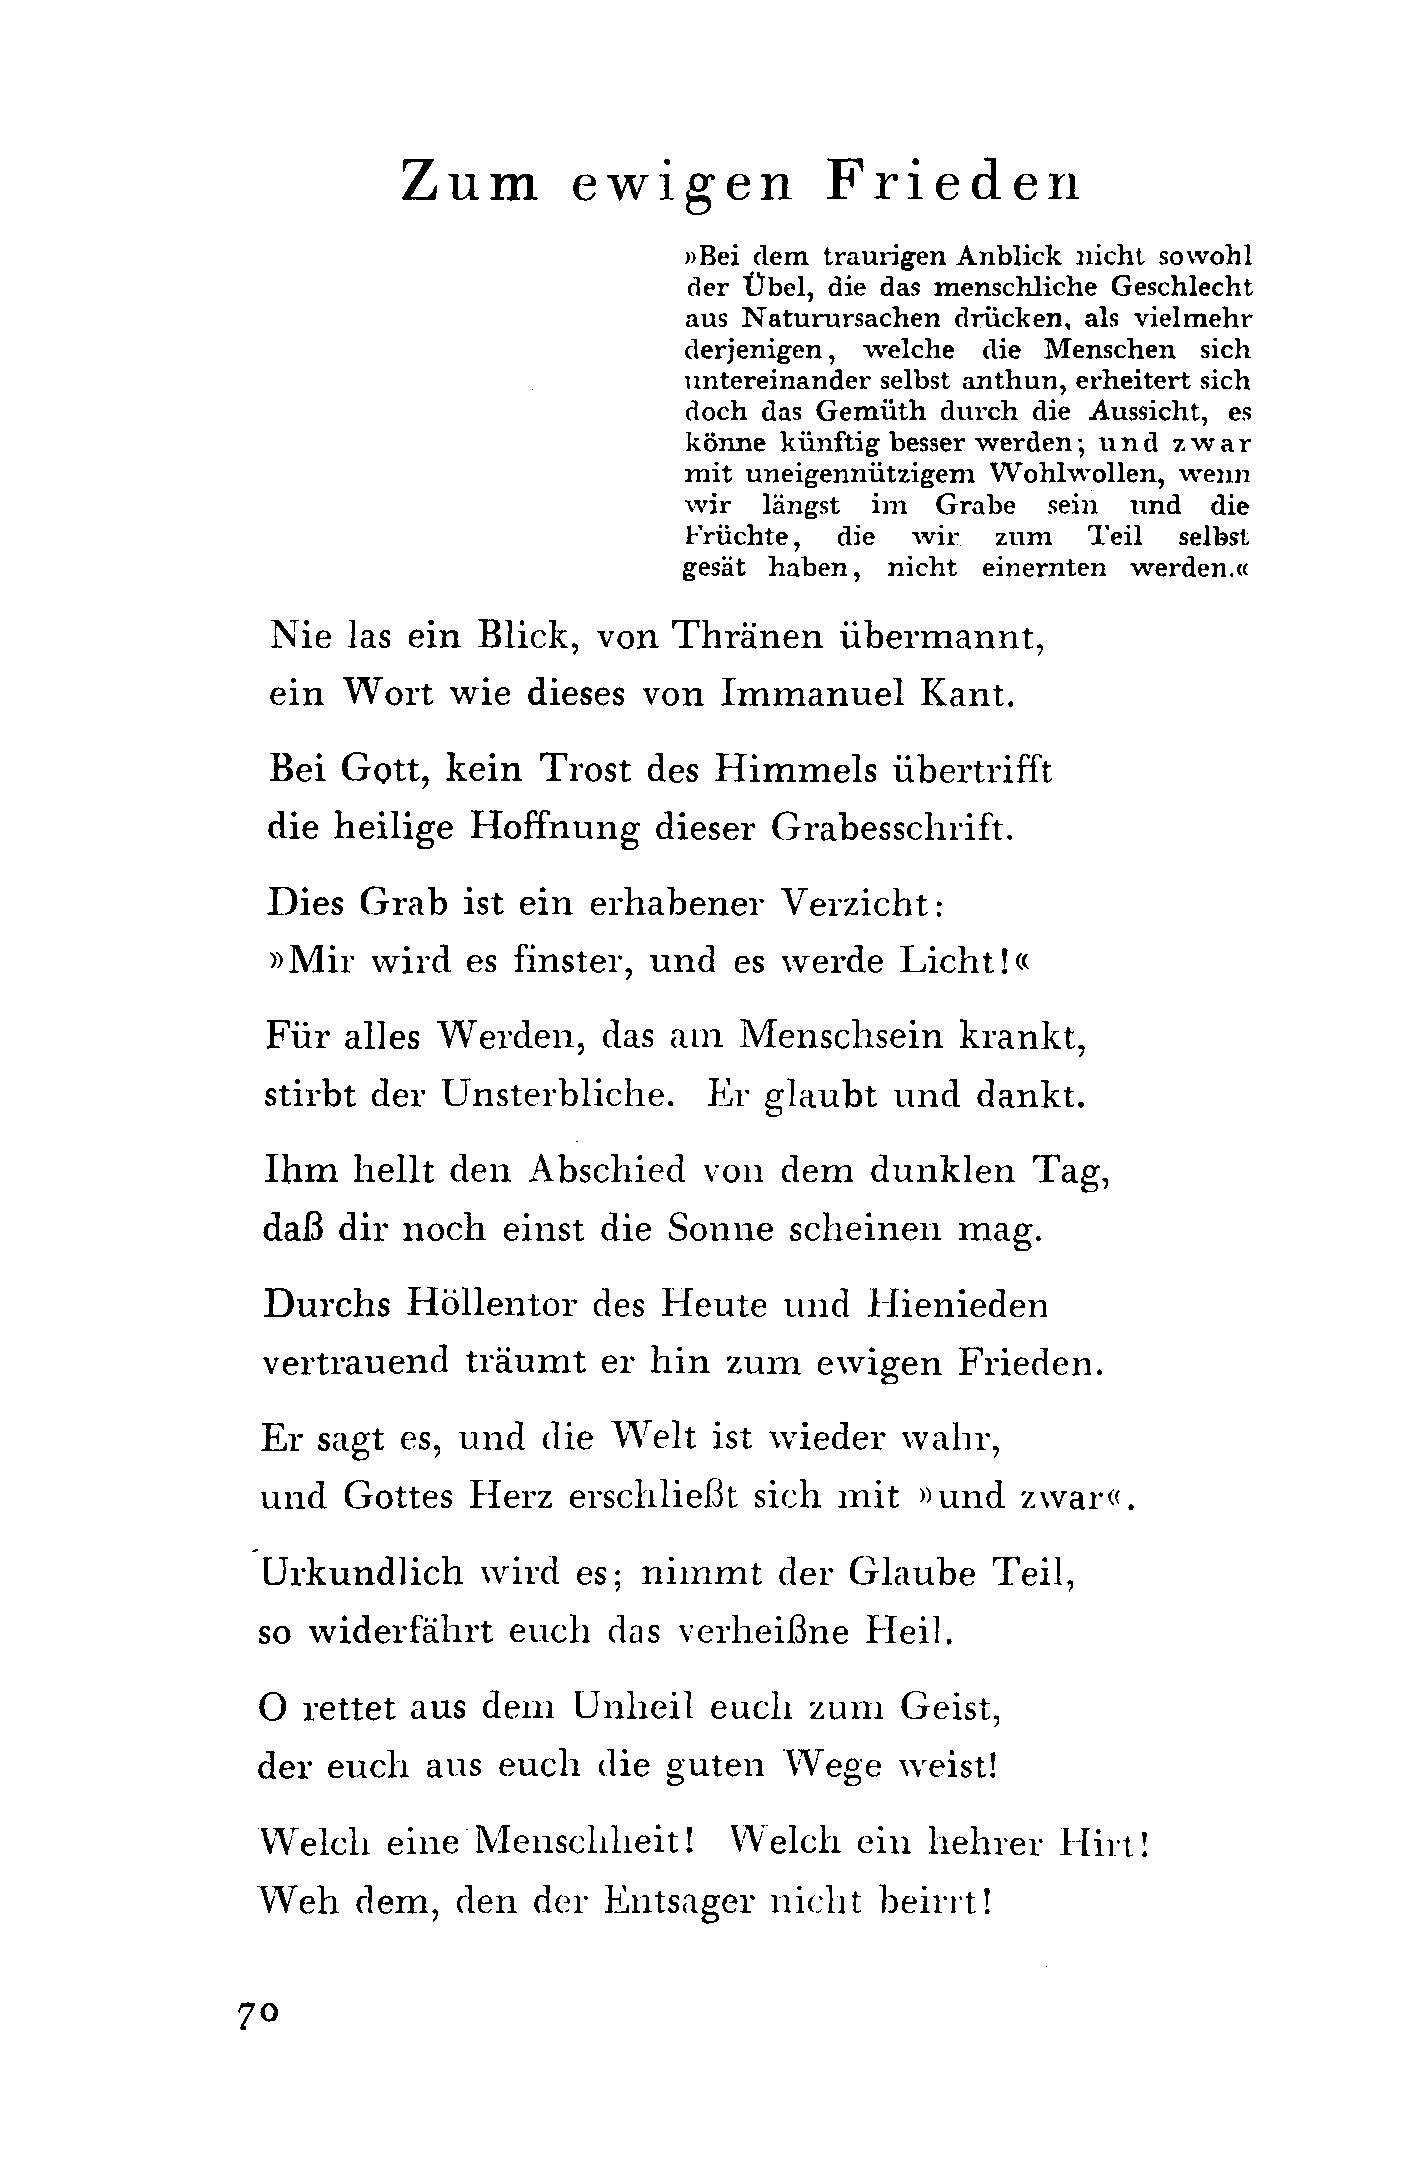 Filede Ausgewählte Gedichte Kraus 70jpg Wikimedia Commons